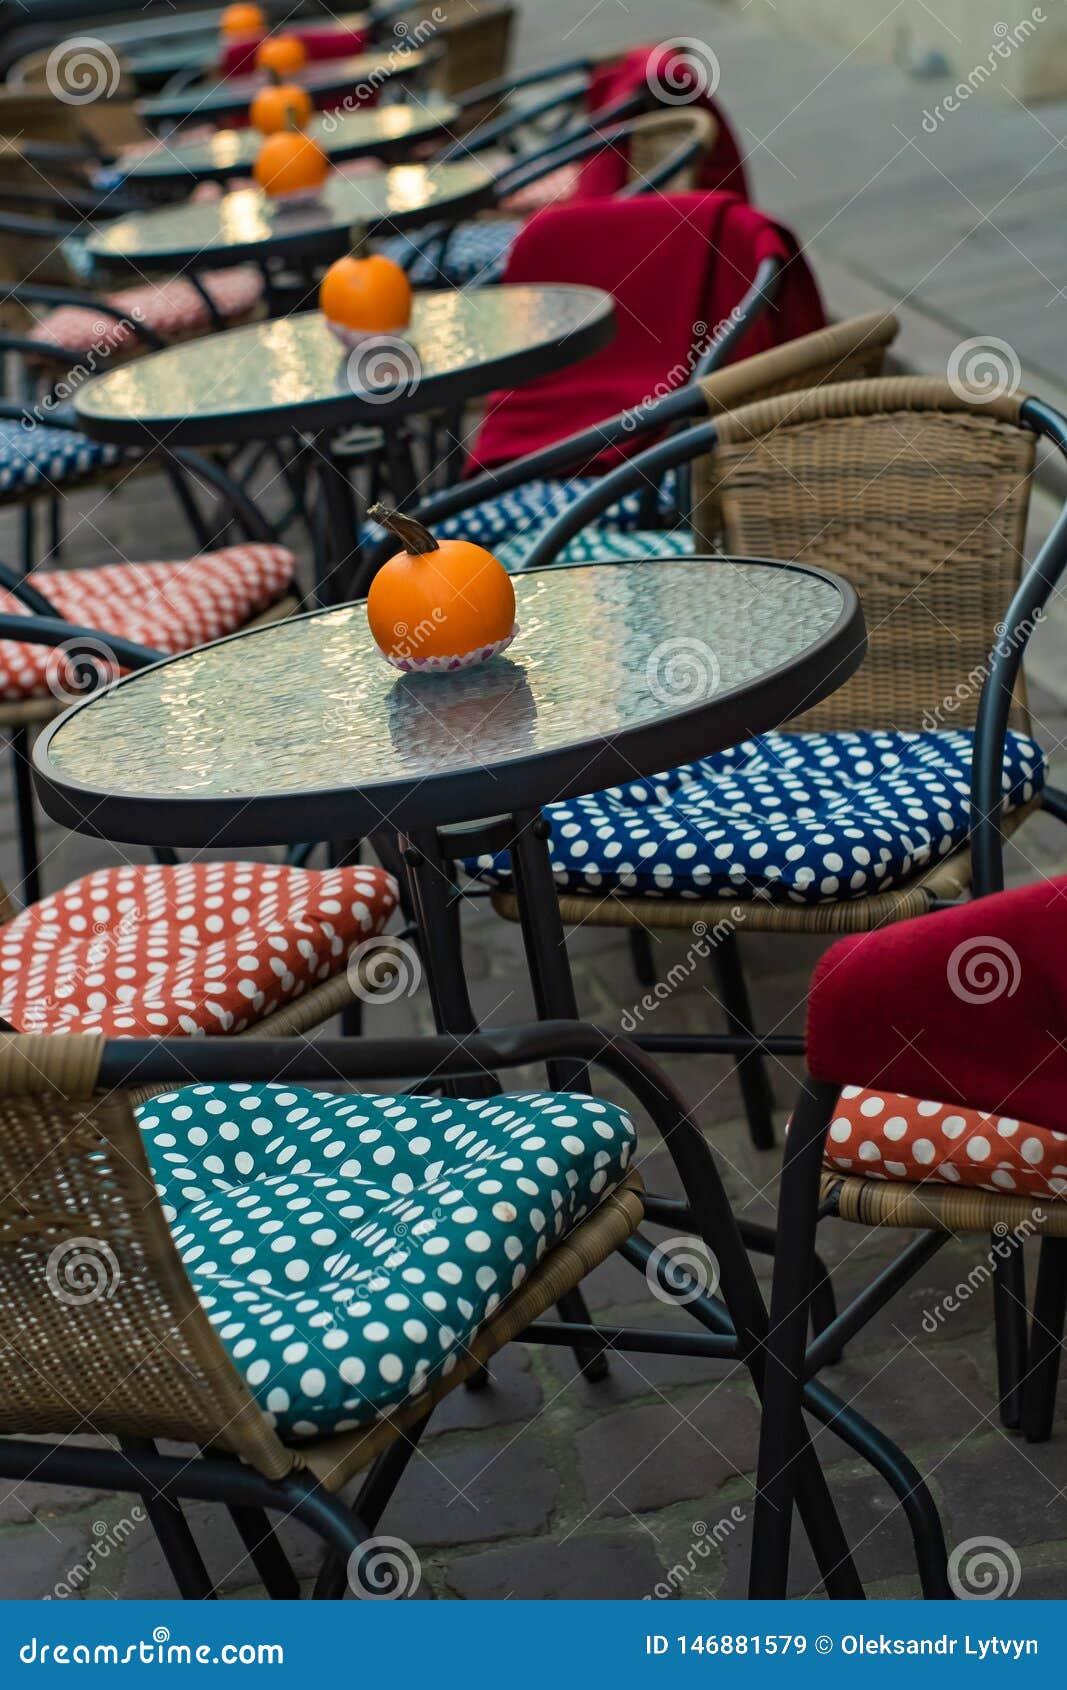 Glastische eines Caf?s im Freien mit K?rbisen und farbige Kissen von St?hlen